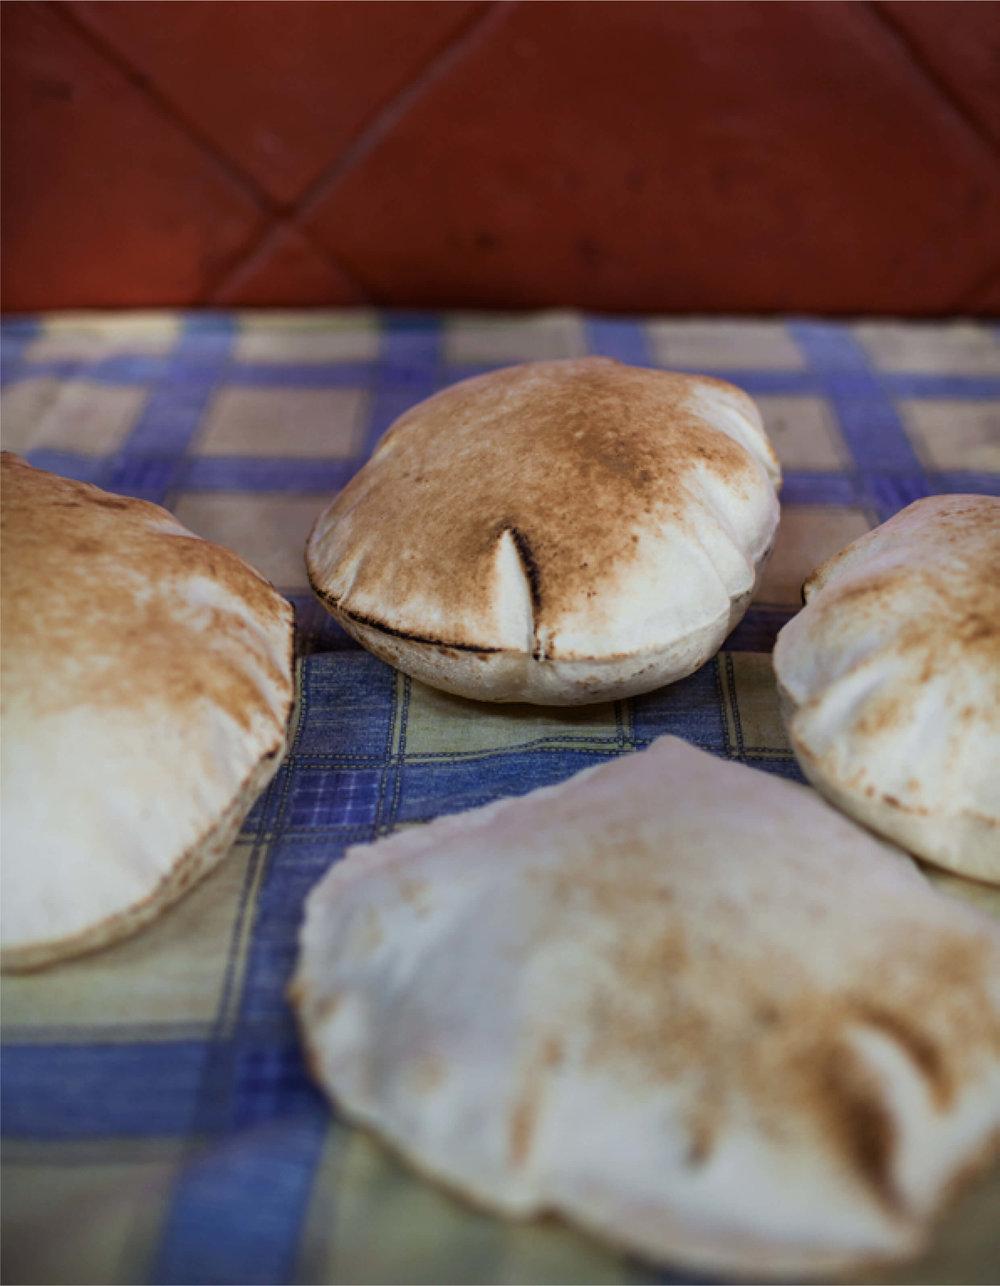 comida-libanesa-pan-árabe-pita-gastronomía-libano-cdmx